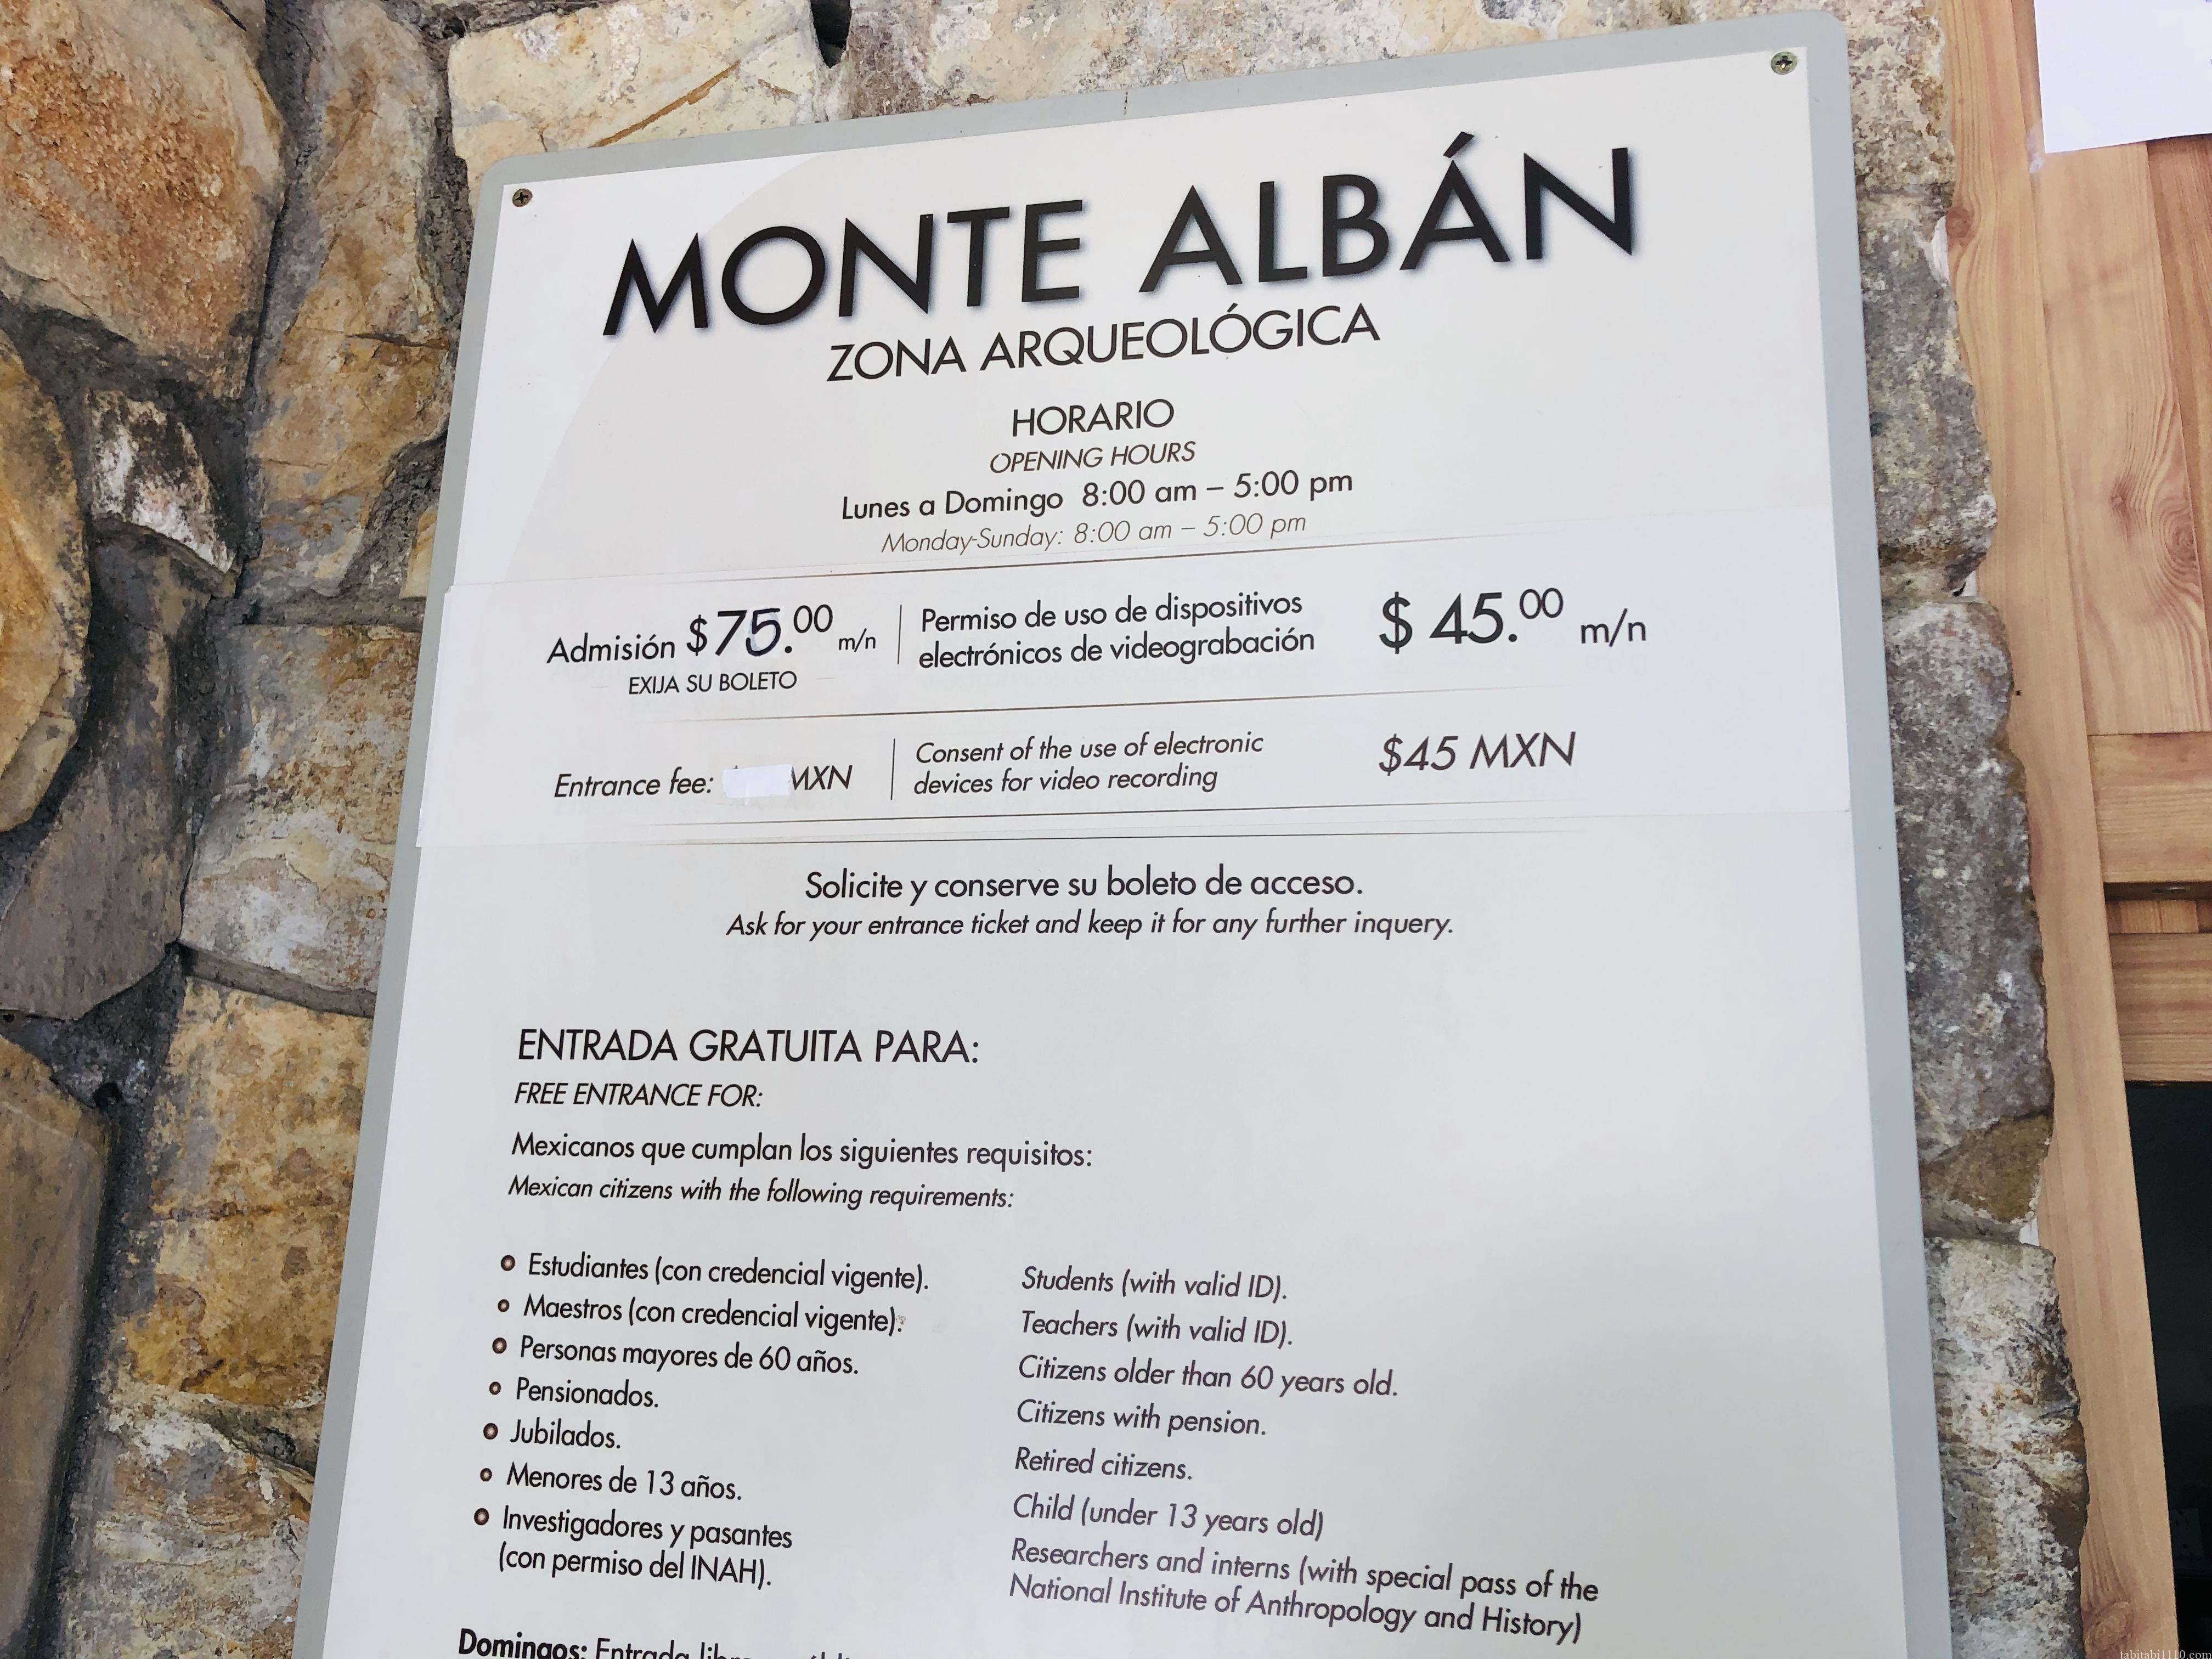 モンテアルバン 料金